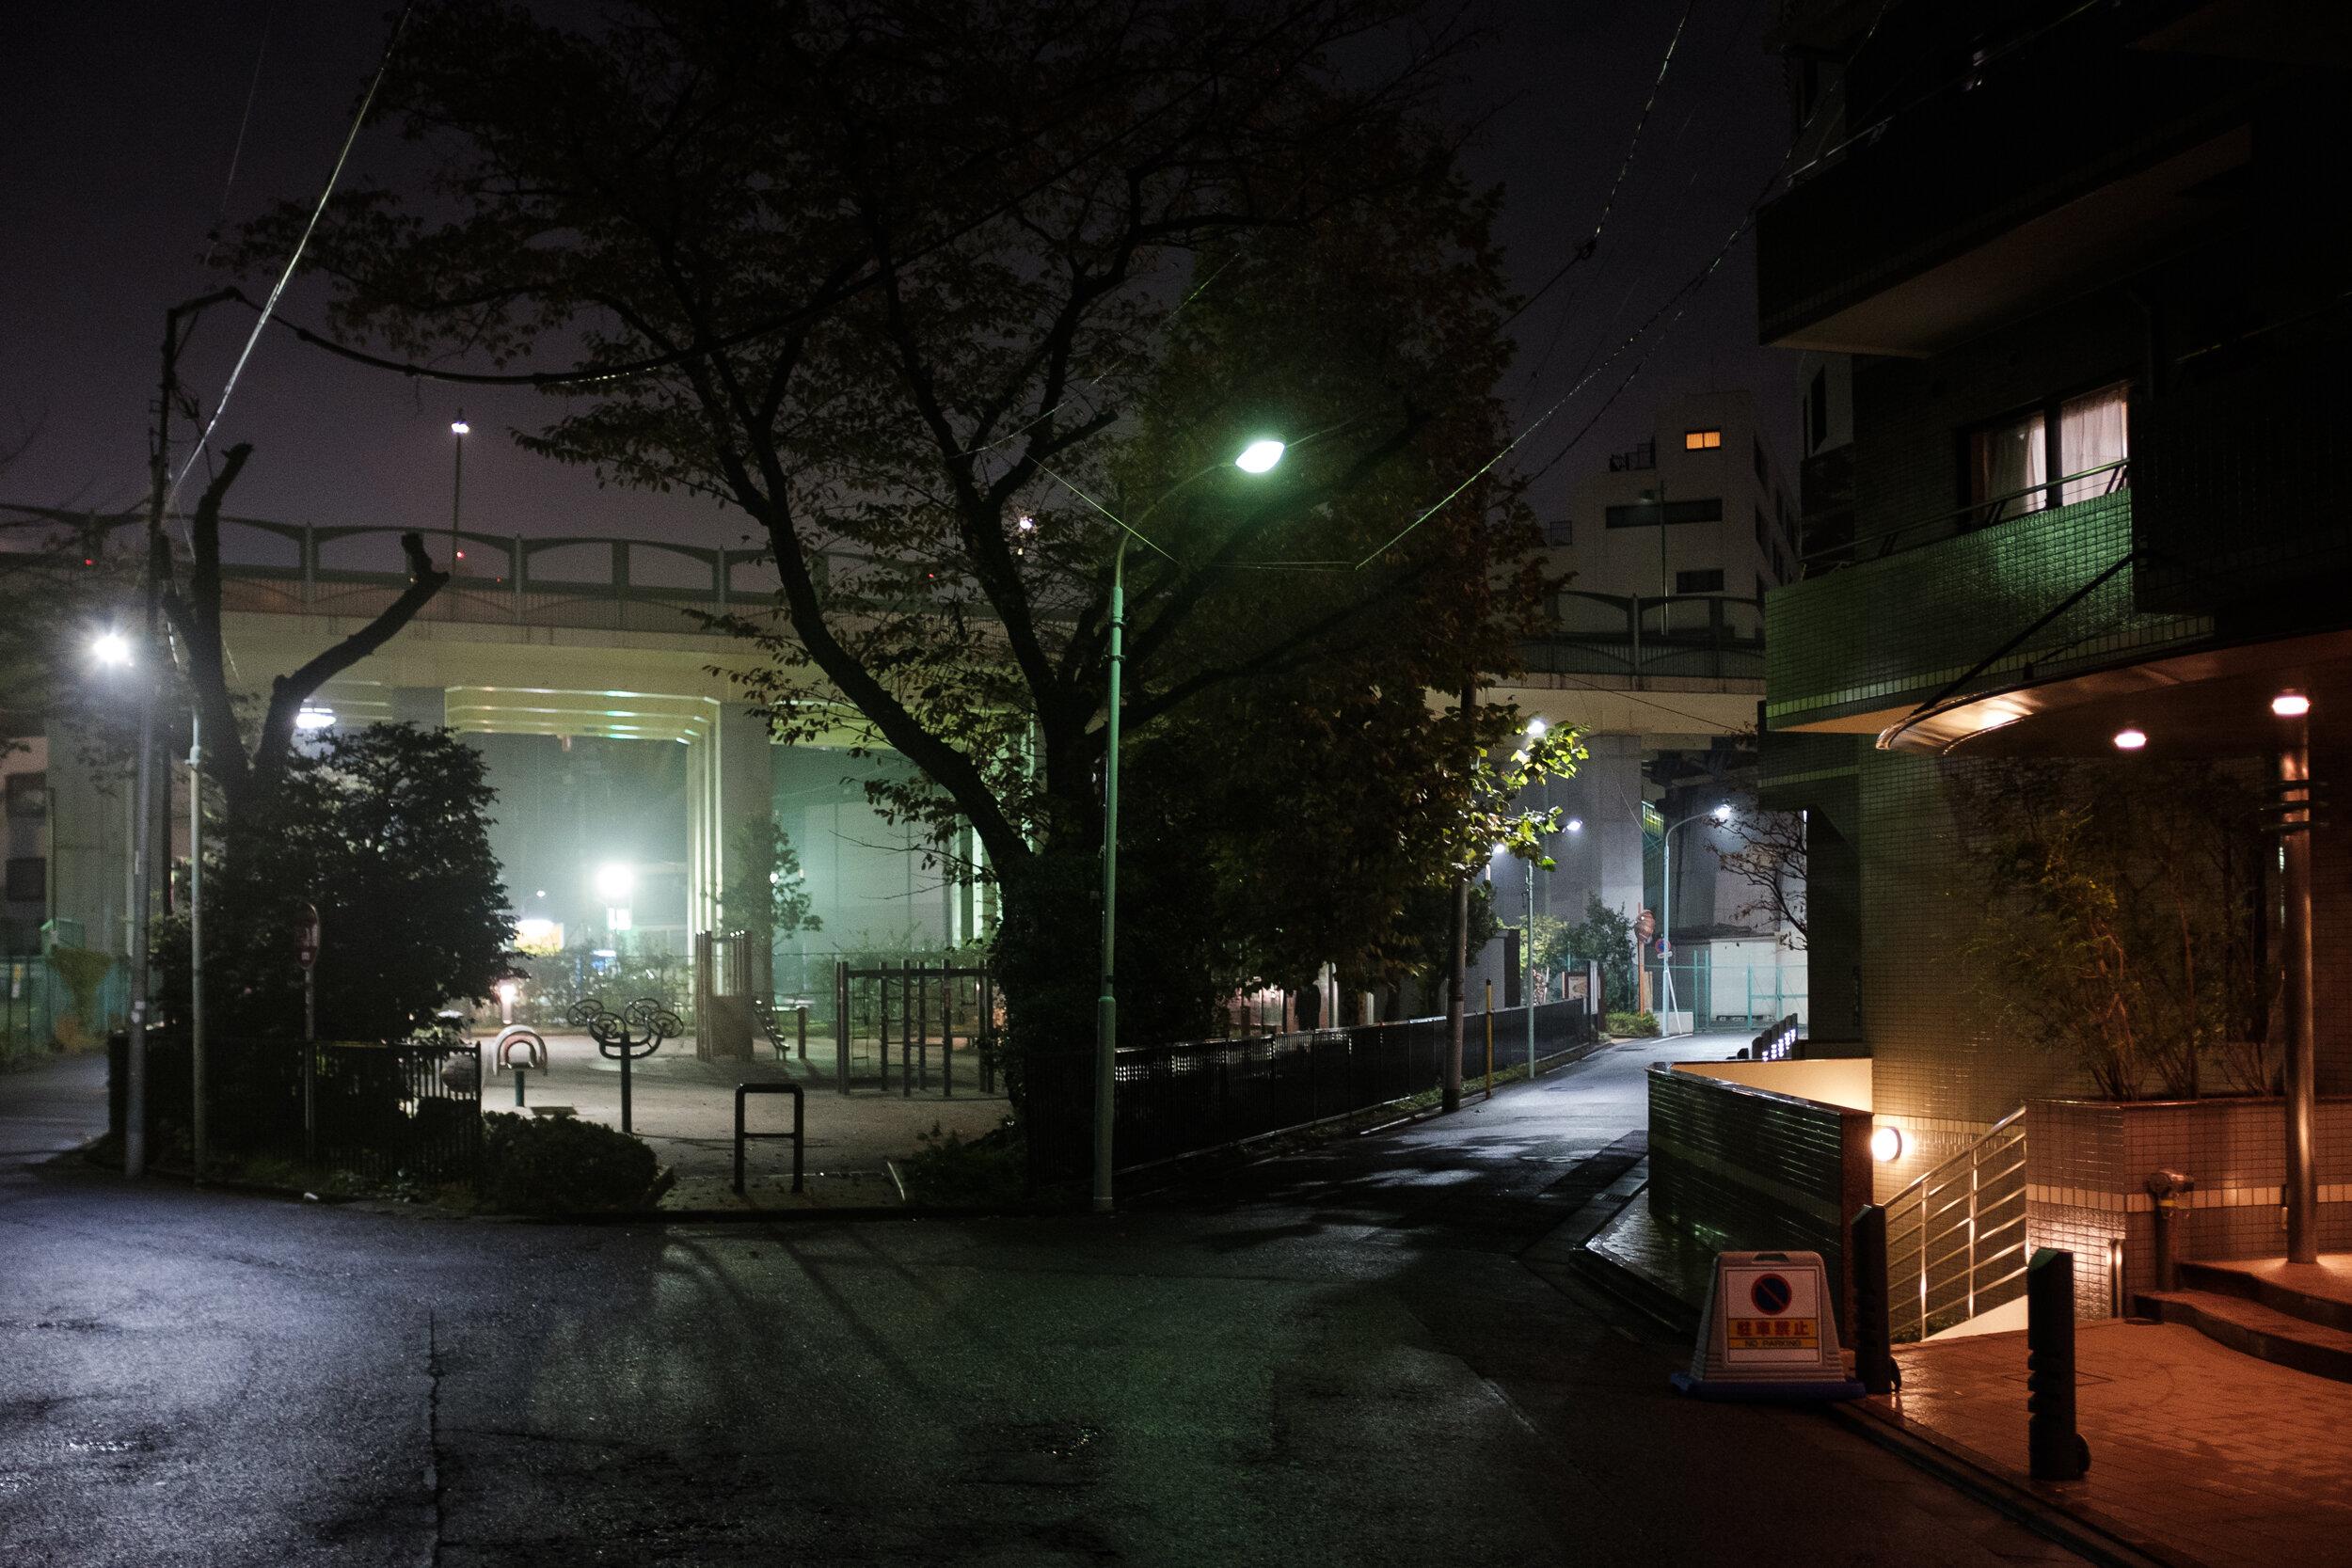 OLIVER_HOLMS_JAPAN_NOV_2018_DSCF2159.jpg